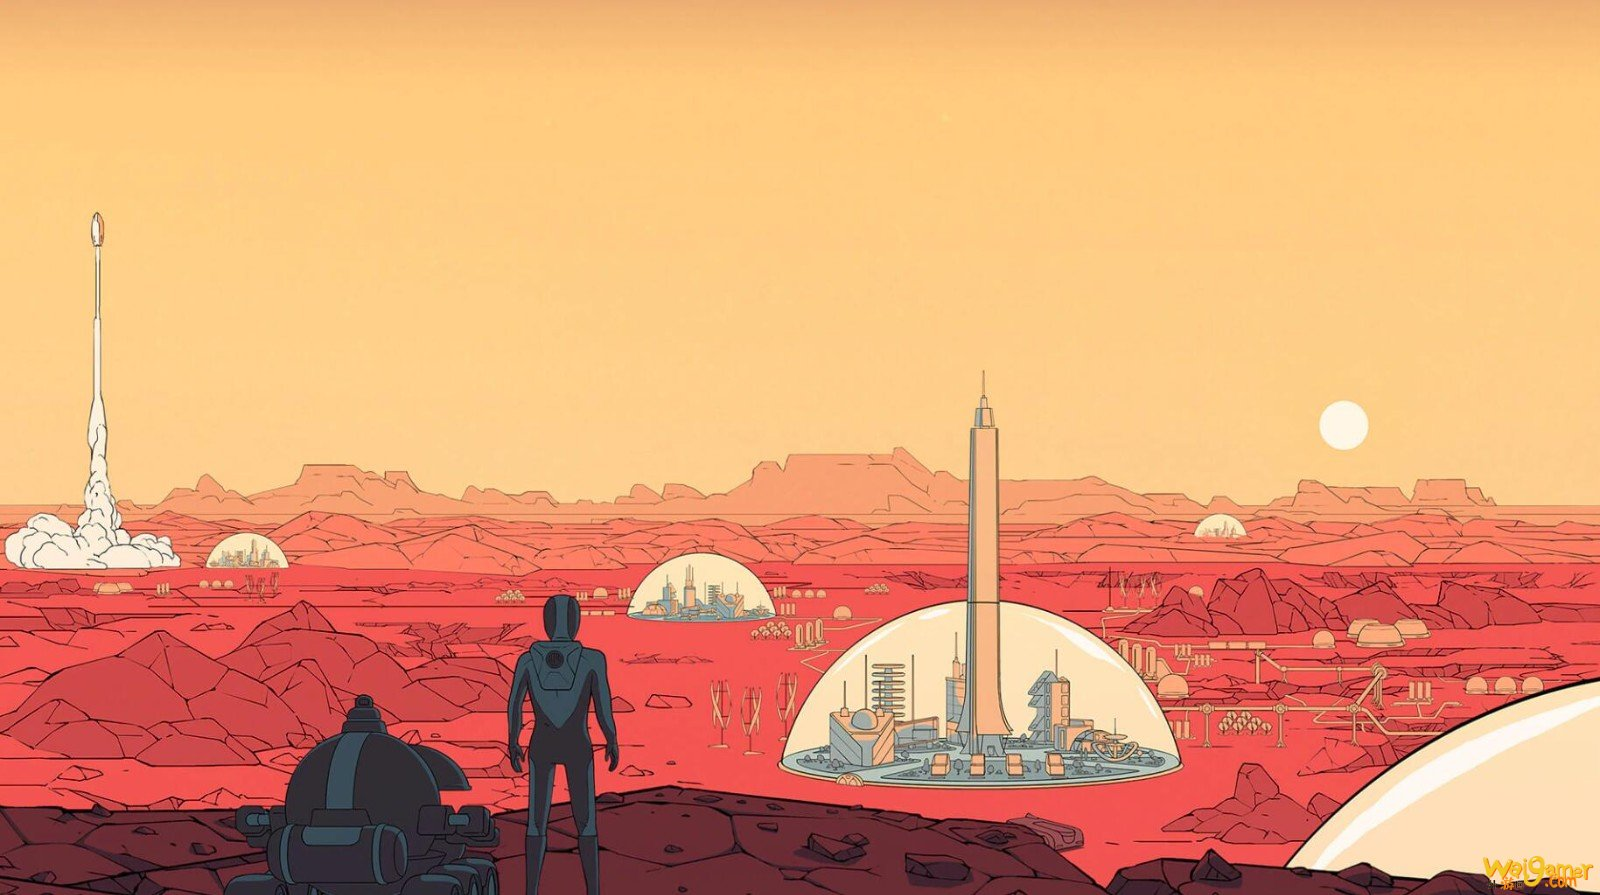 Epic本周喜加一更新 免费领取《火星生存记》